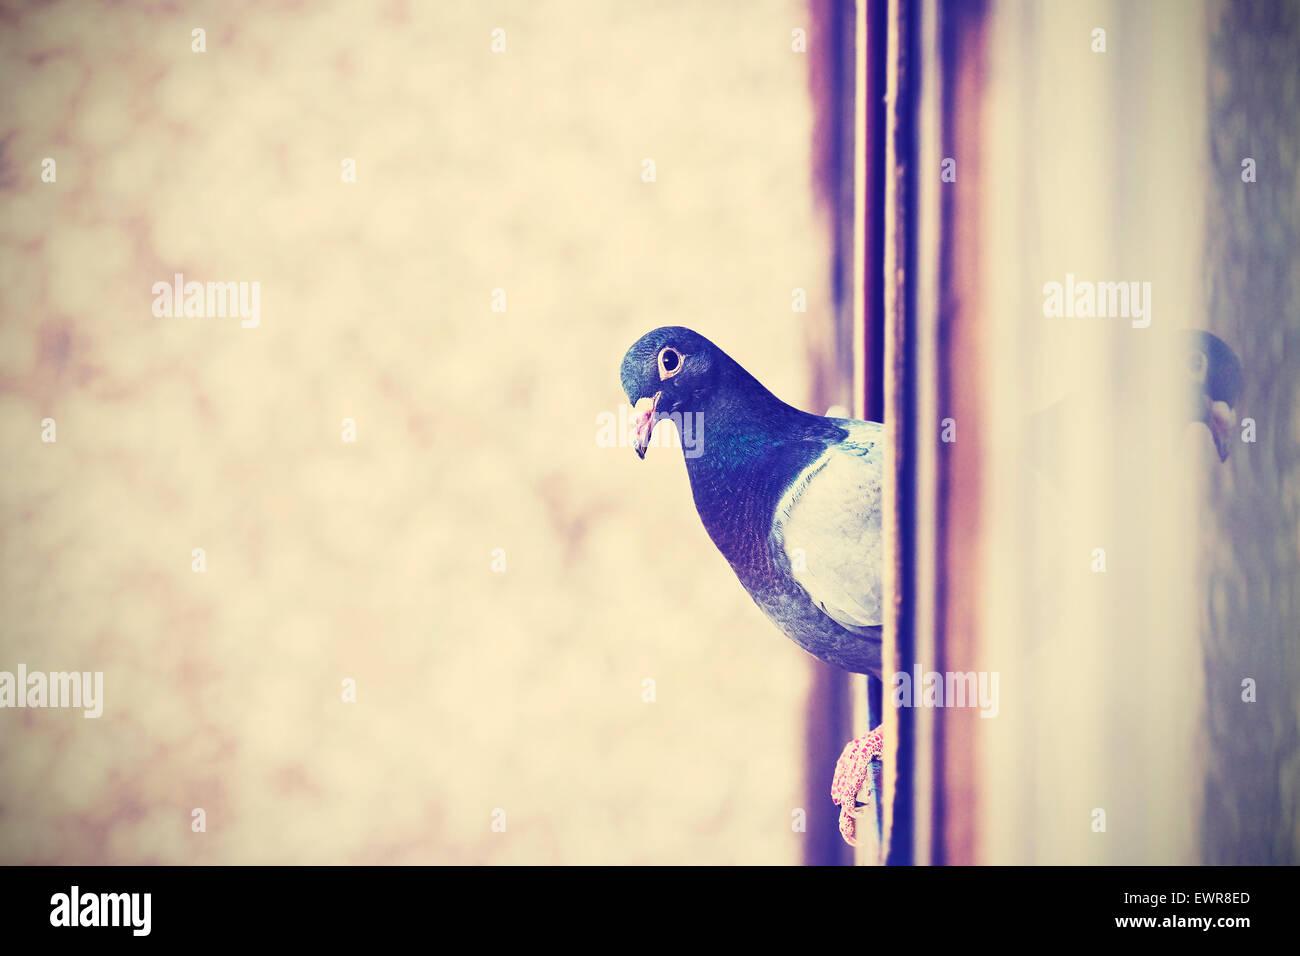 Retrò instagram foto stilizzata di un piccione sulla finestra, lo spazio per il testo. Immagini Stock